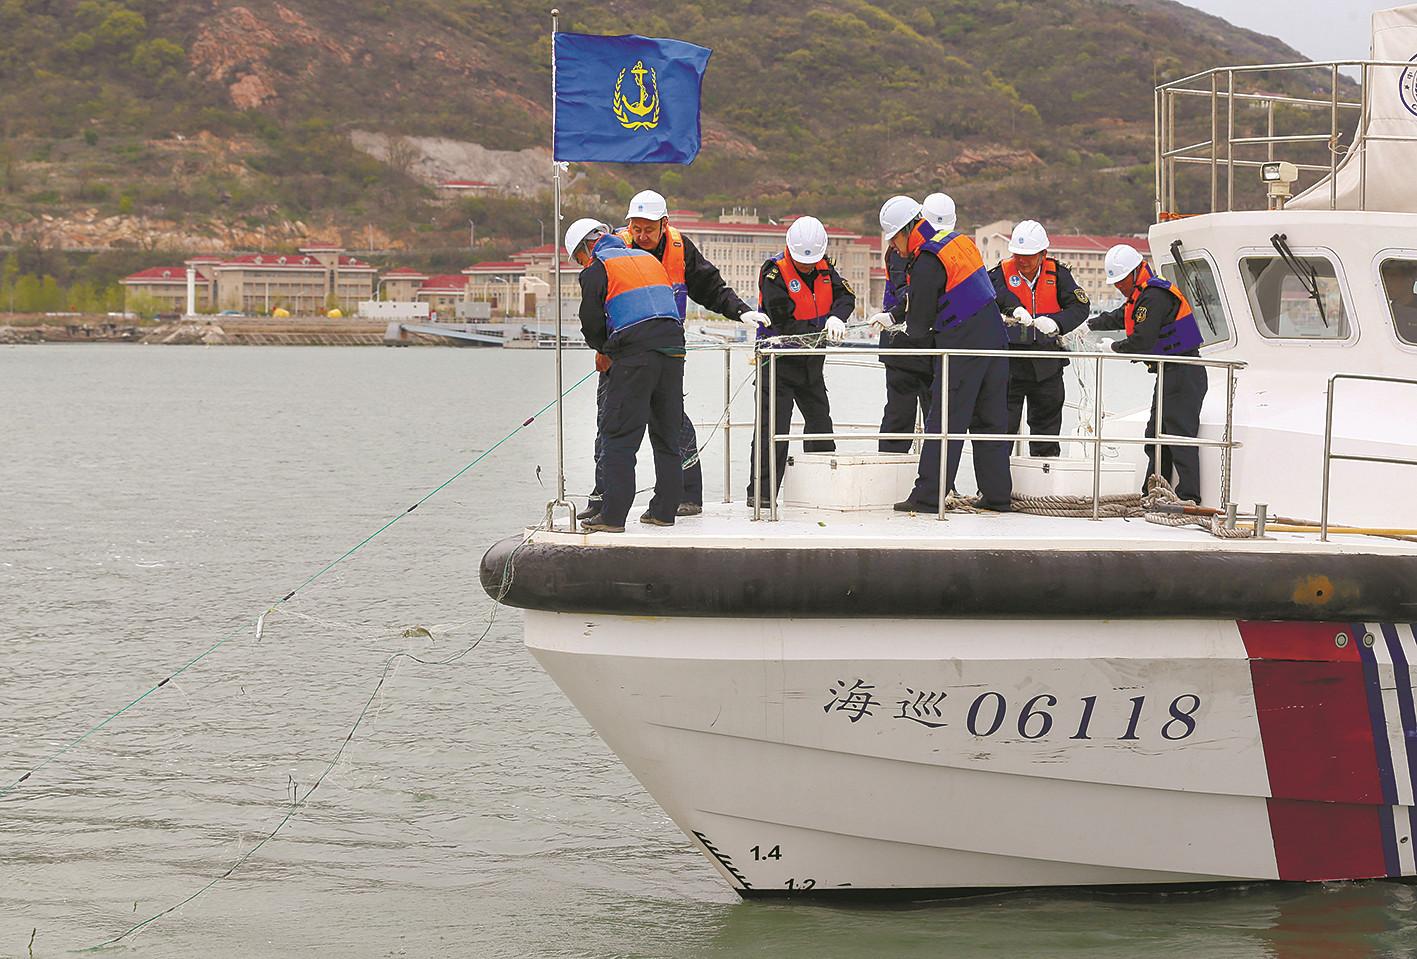 连云港海事局有效保障环境安全